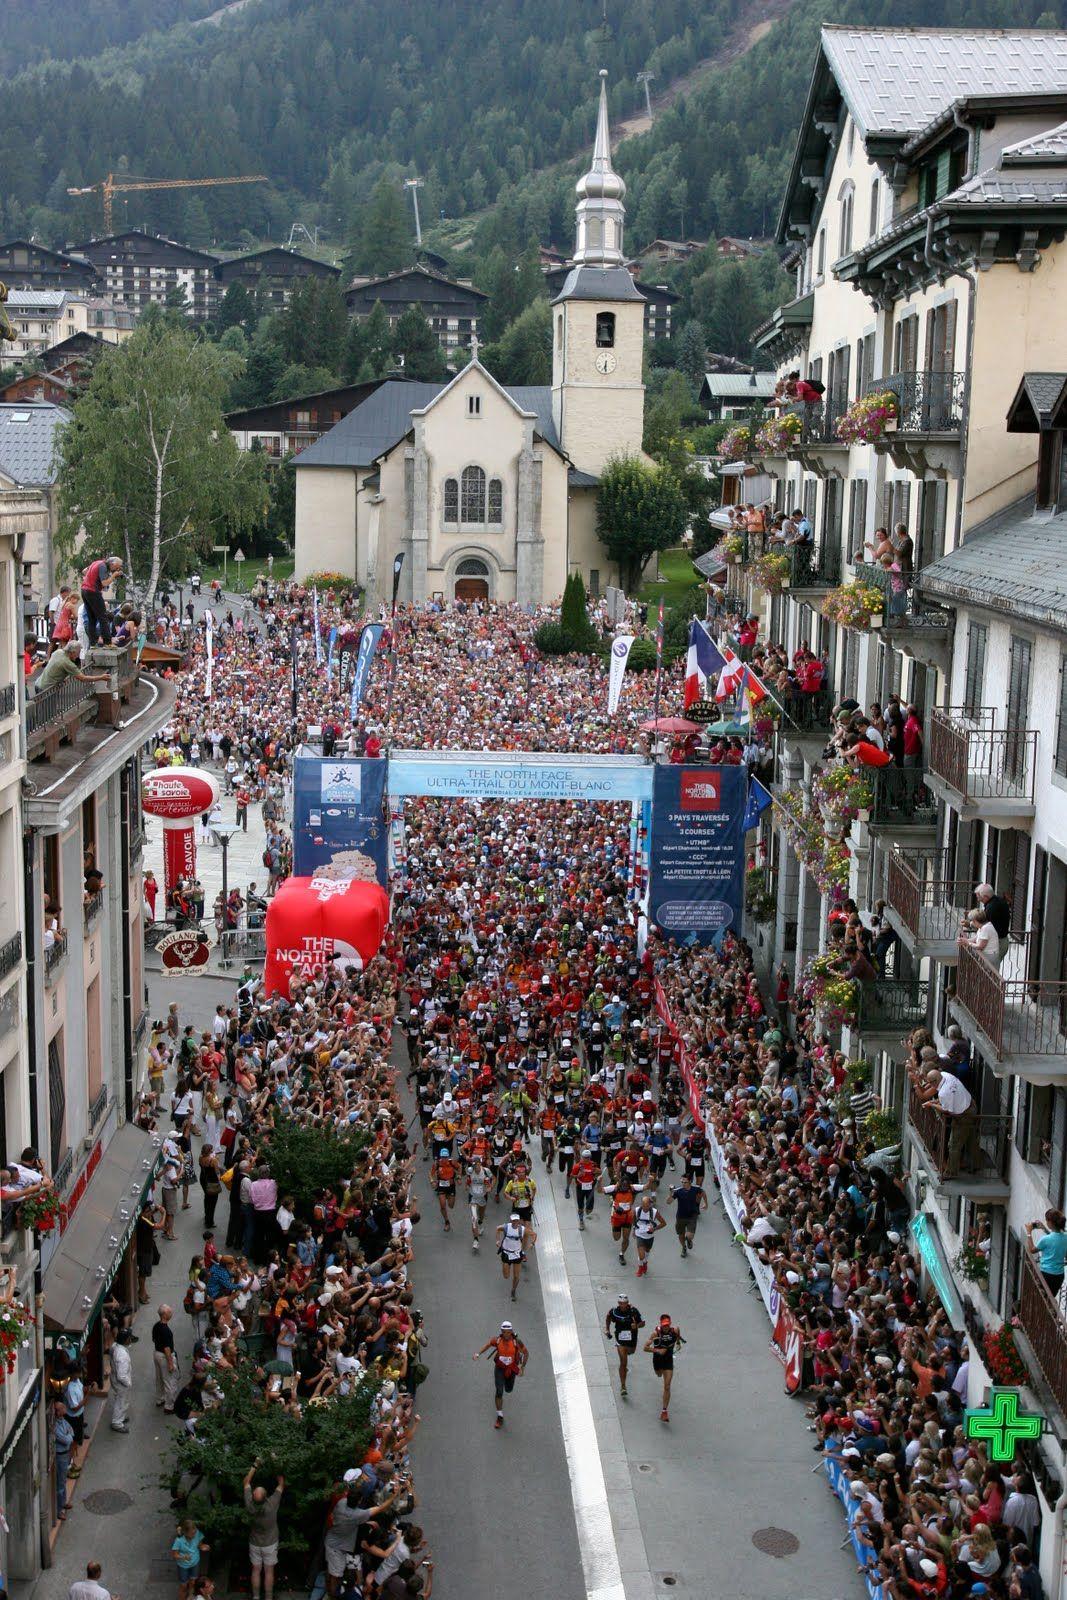 Watched The Ultra Trail In 2007 Nieveyalgomas Blogspot Com Départements Français Haute Savoie Chamonix Mont Blanc